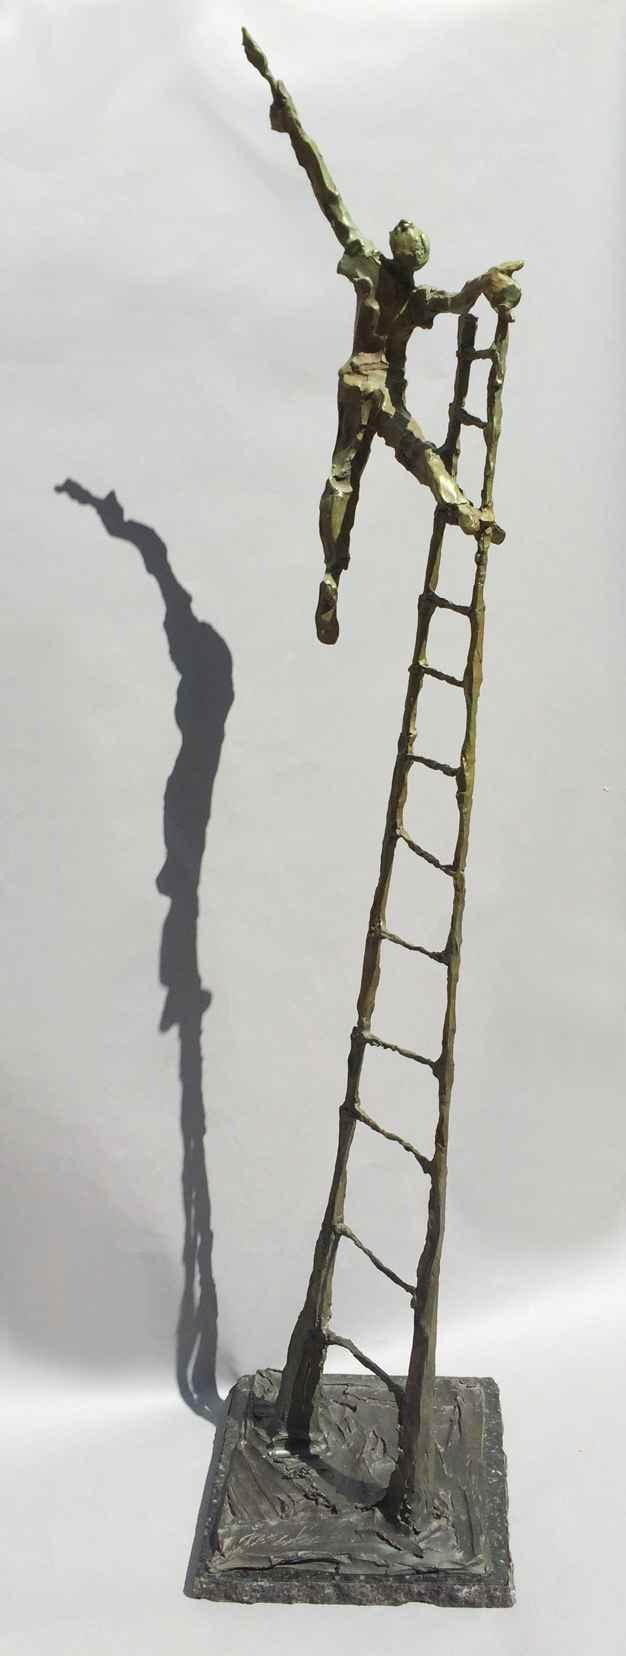 Just Beyond 3/17 by Ms. Jane DeDecker - Masterpiece Online